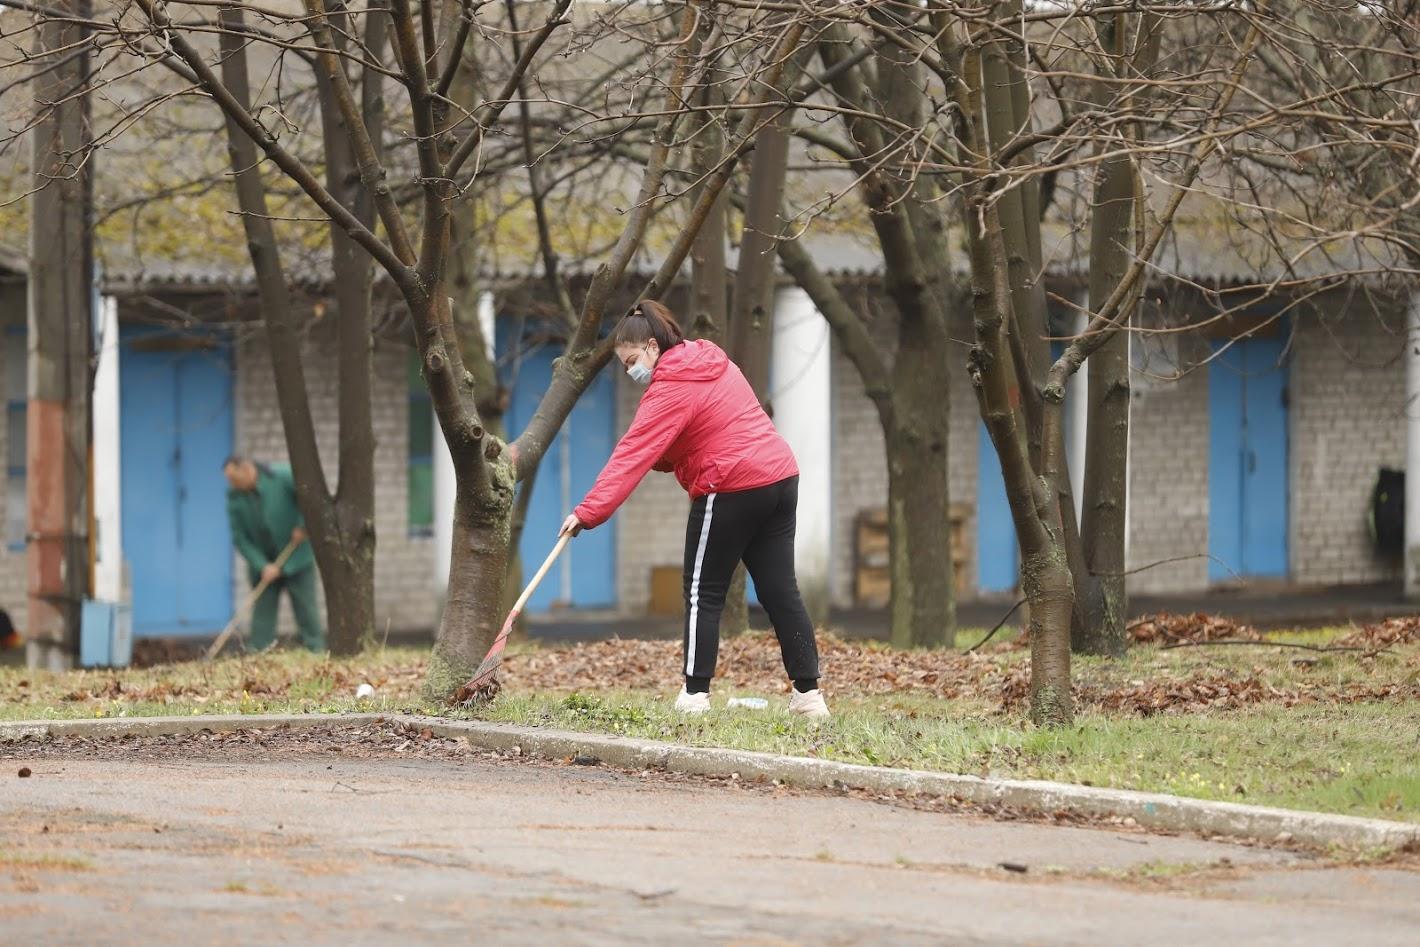 Муниципальный лагерь «Дети Днепра» полным ходом готовится к открытию